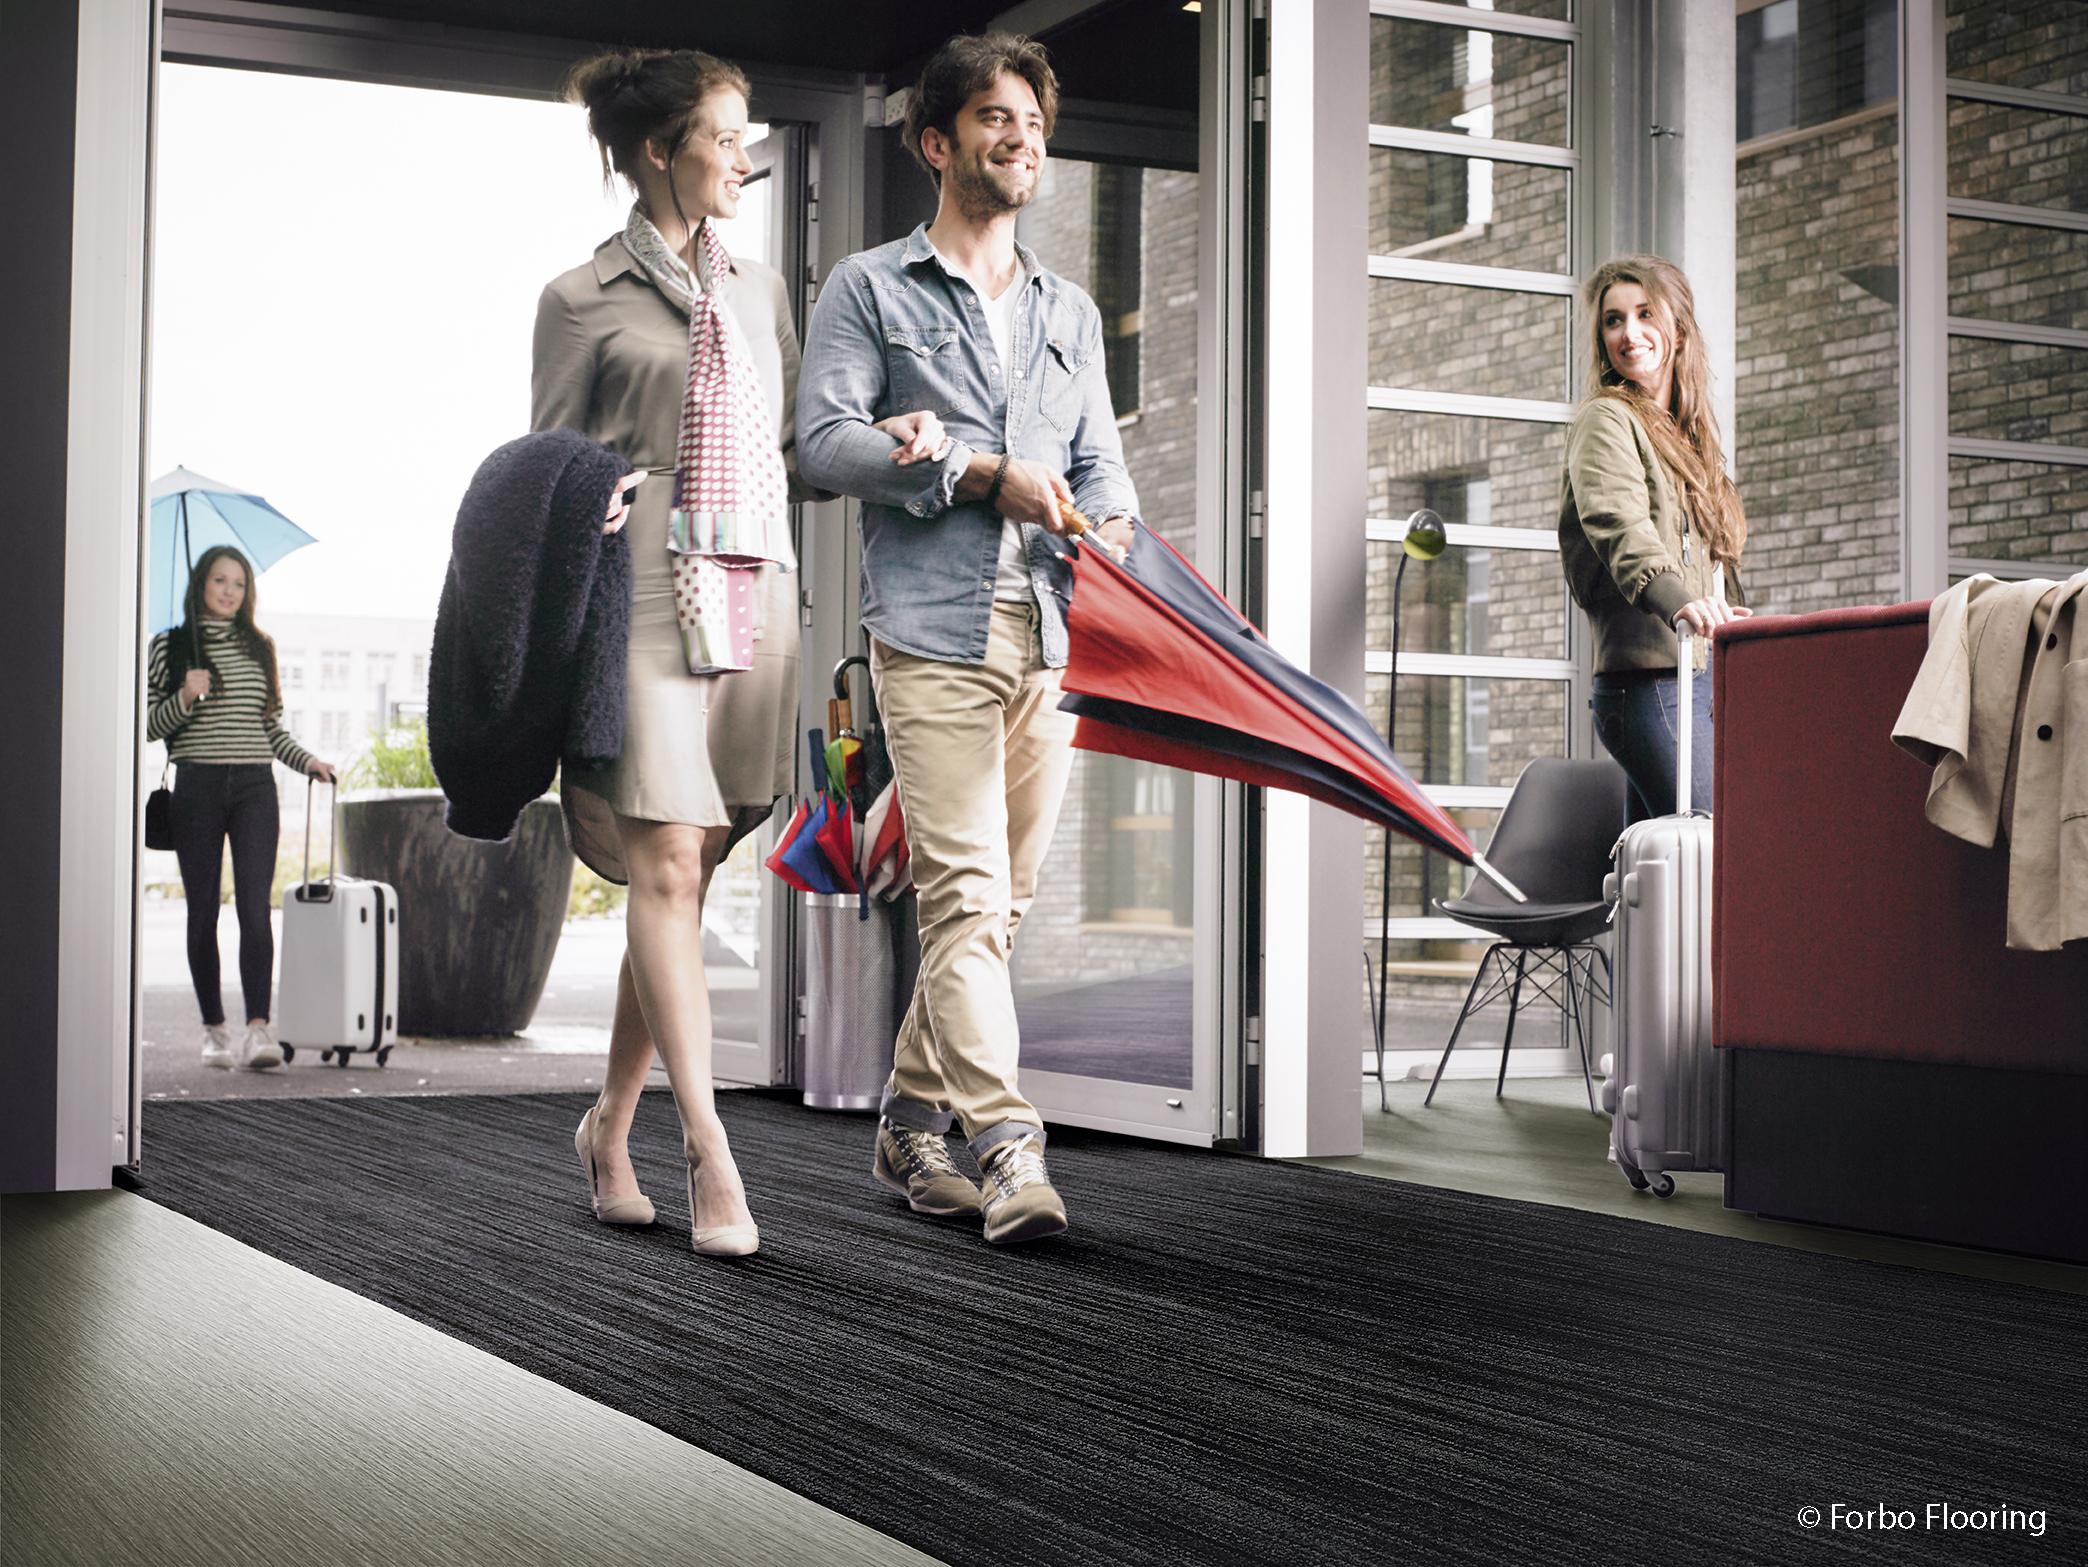 Fußboden Und Farbenwelt Ingelheim ~ Boden farbenwelt in weilburg u teppich estrich und parkett